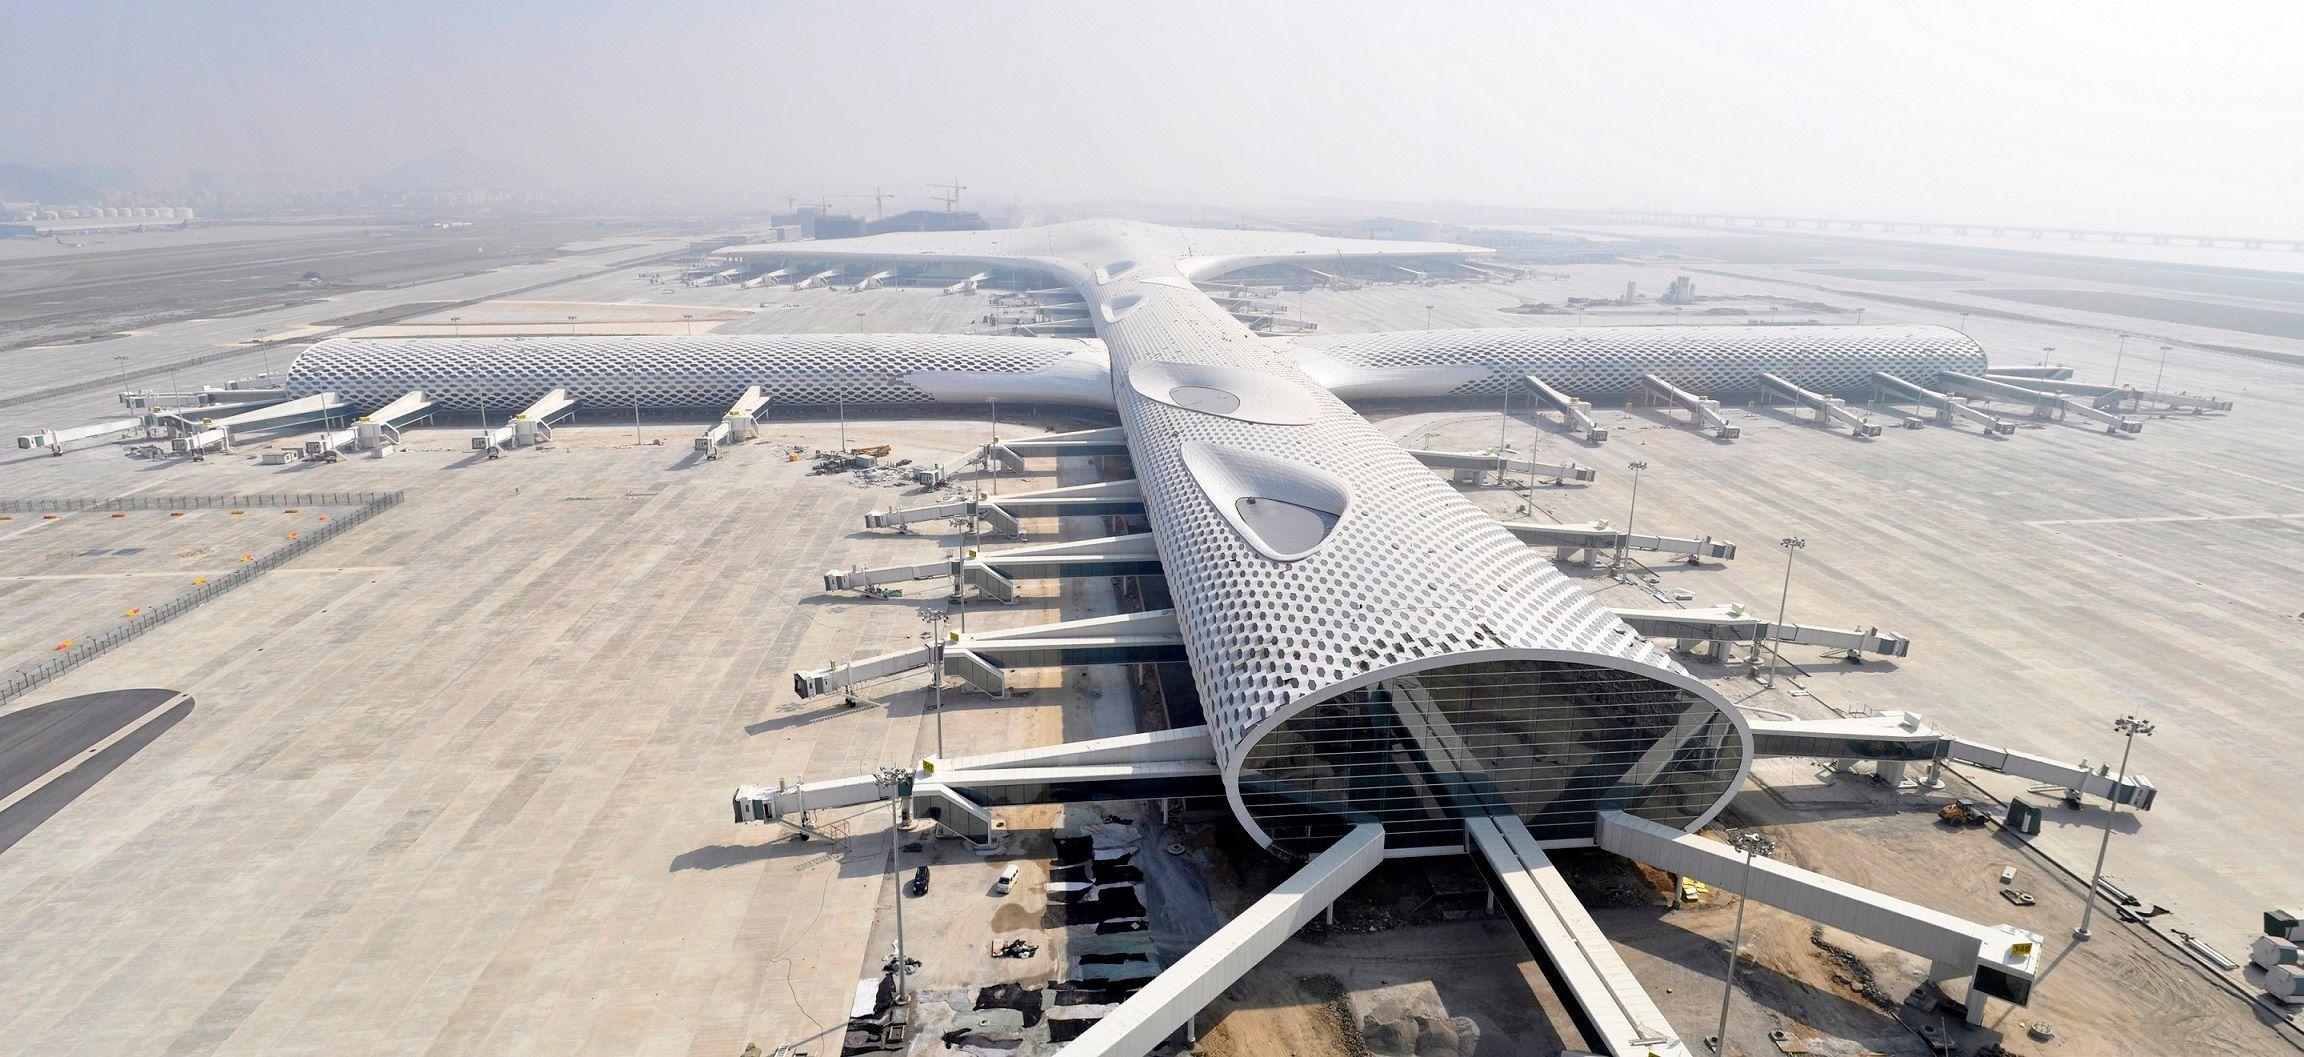 Terminal 3 at Shenzhen Bao'an International Airport / Studio Fuksas